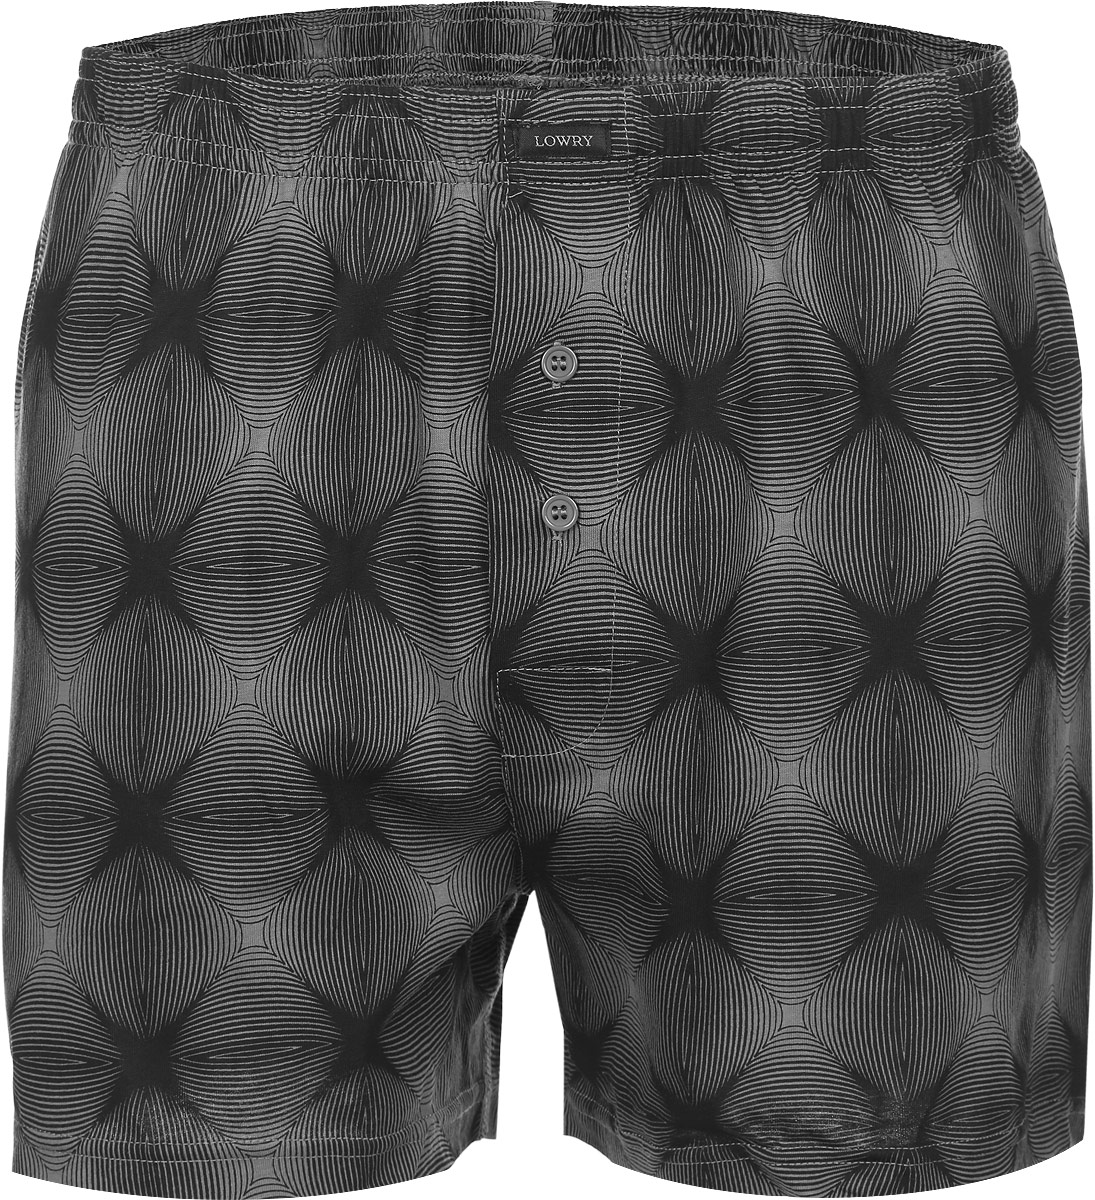 Трусы семейные мужские Lowry, цвет: черный, серый. MSH-373. Размер XXXL (56/58) трусы lowry трусы 3 шт